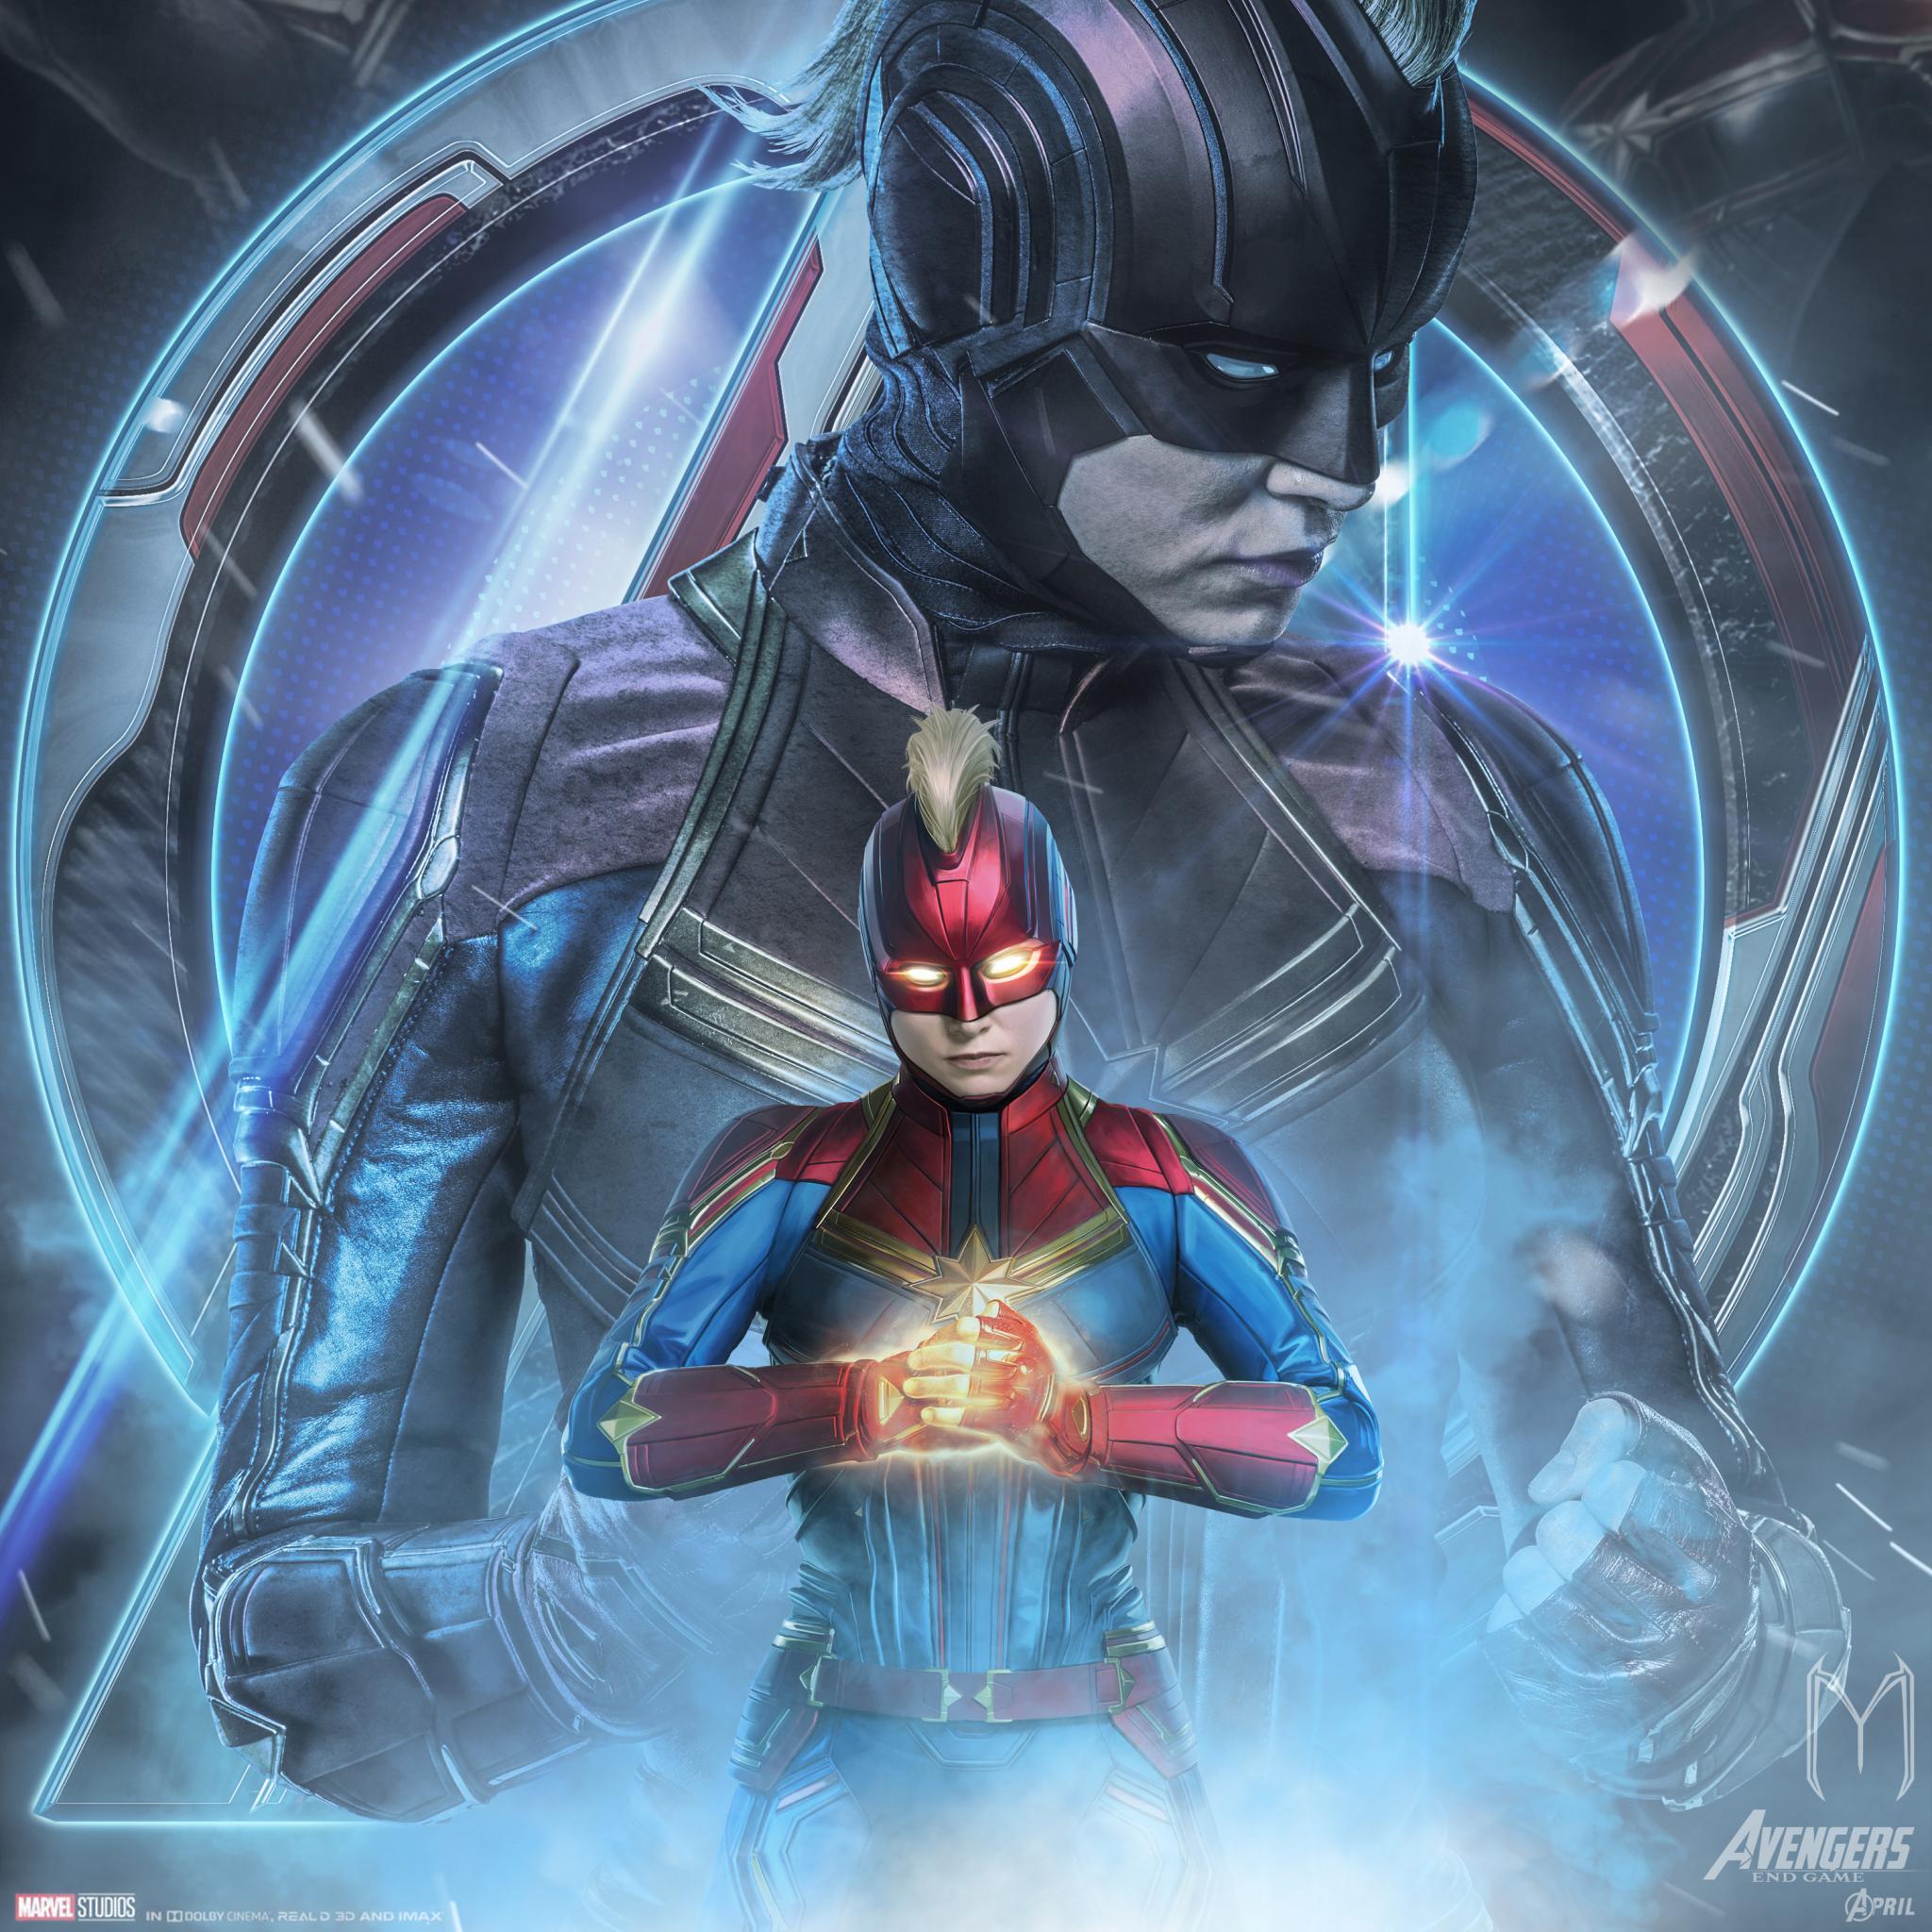 2048x2048 Avengers Endgame Captain Marvel Poster Art Ipad